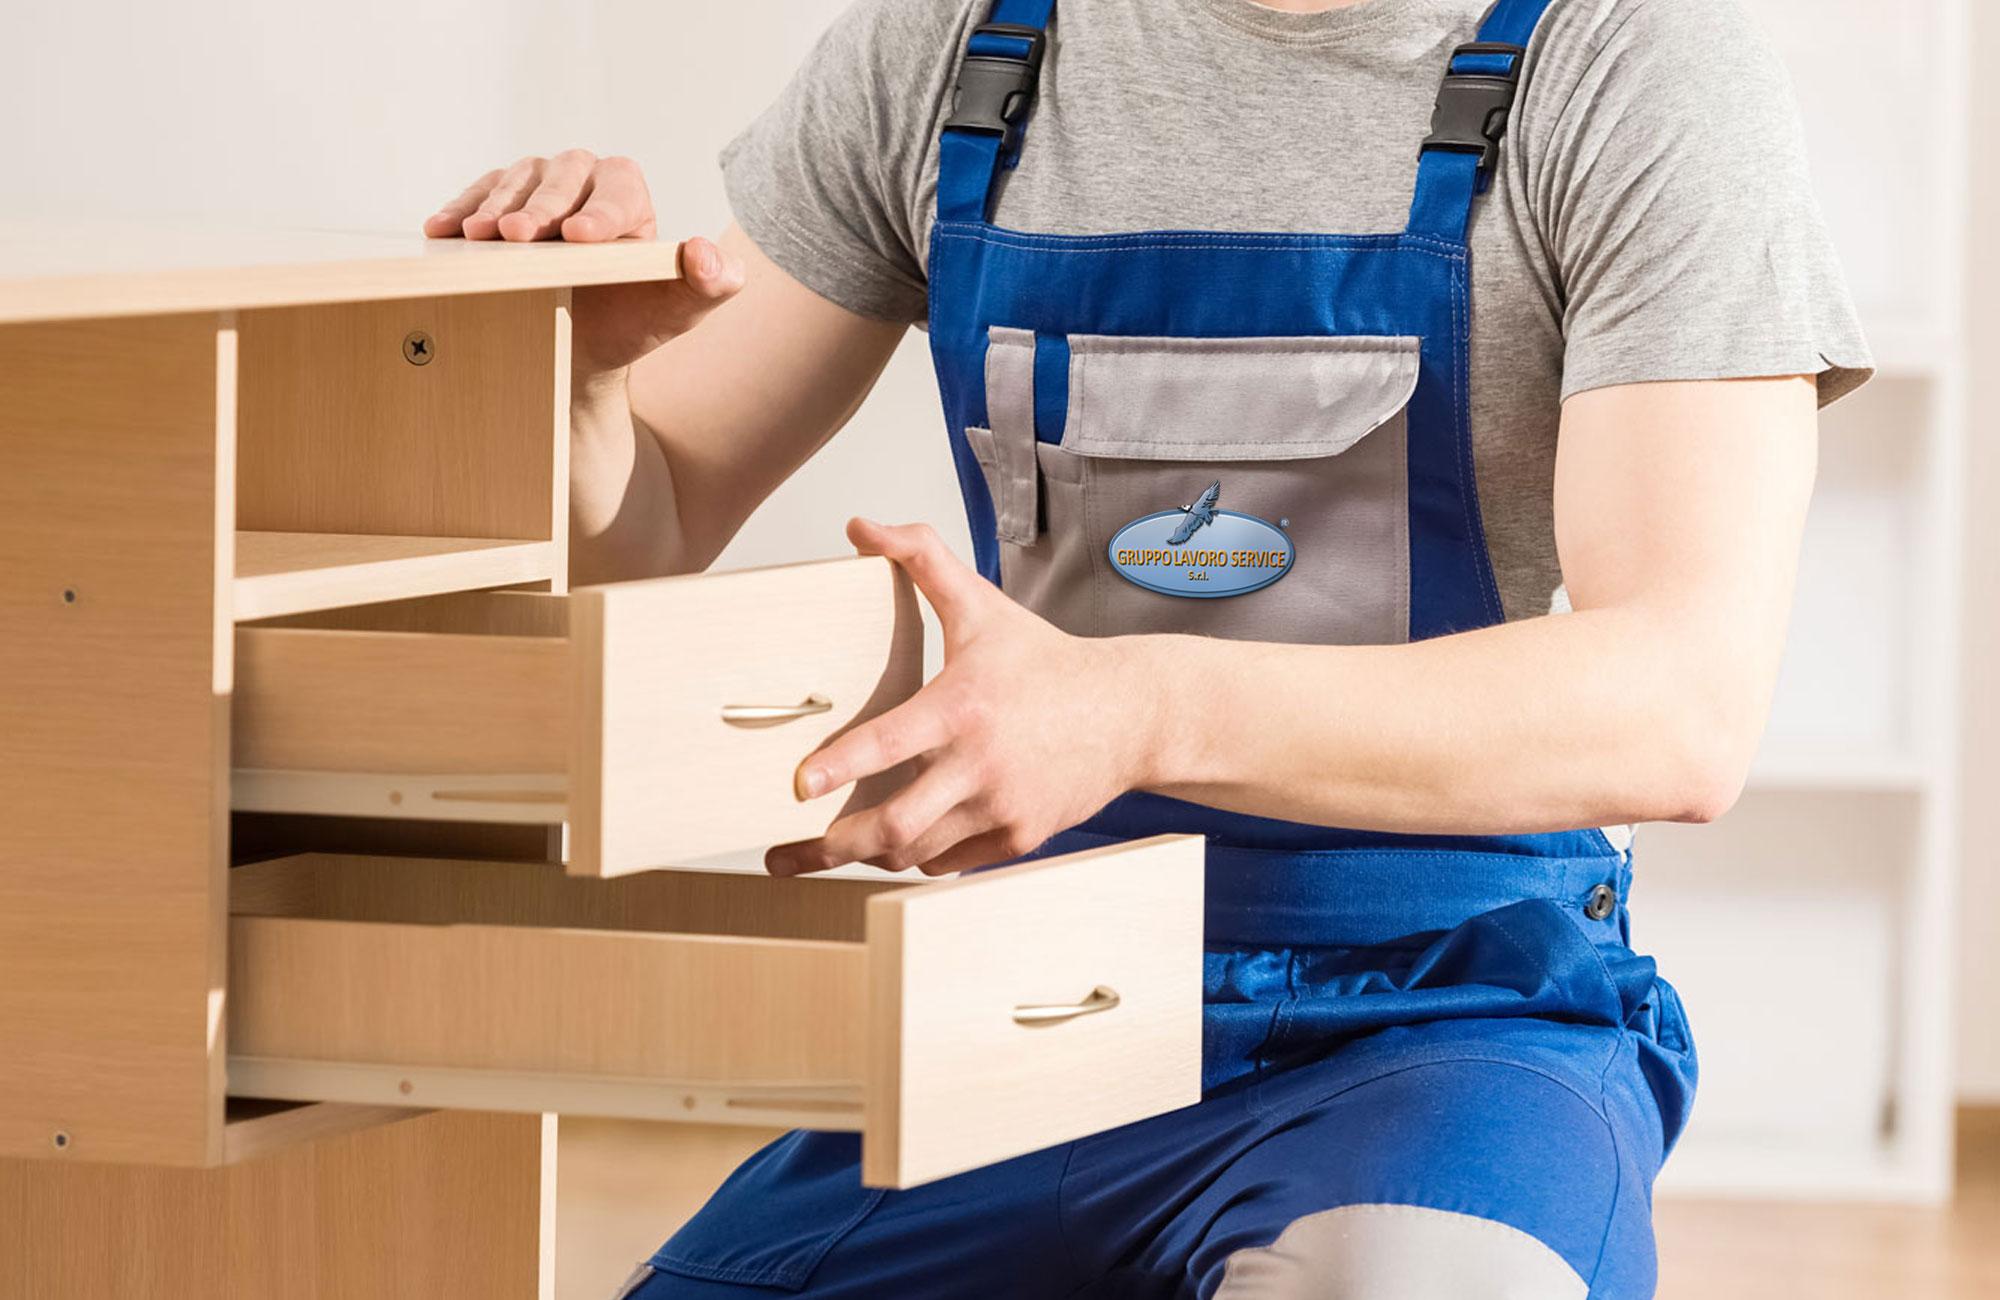 montaggio-smontaggio-mobili2